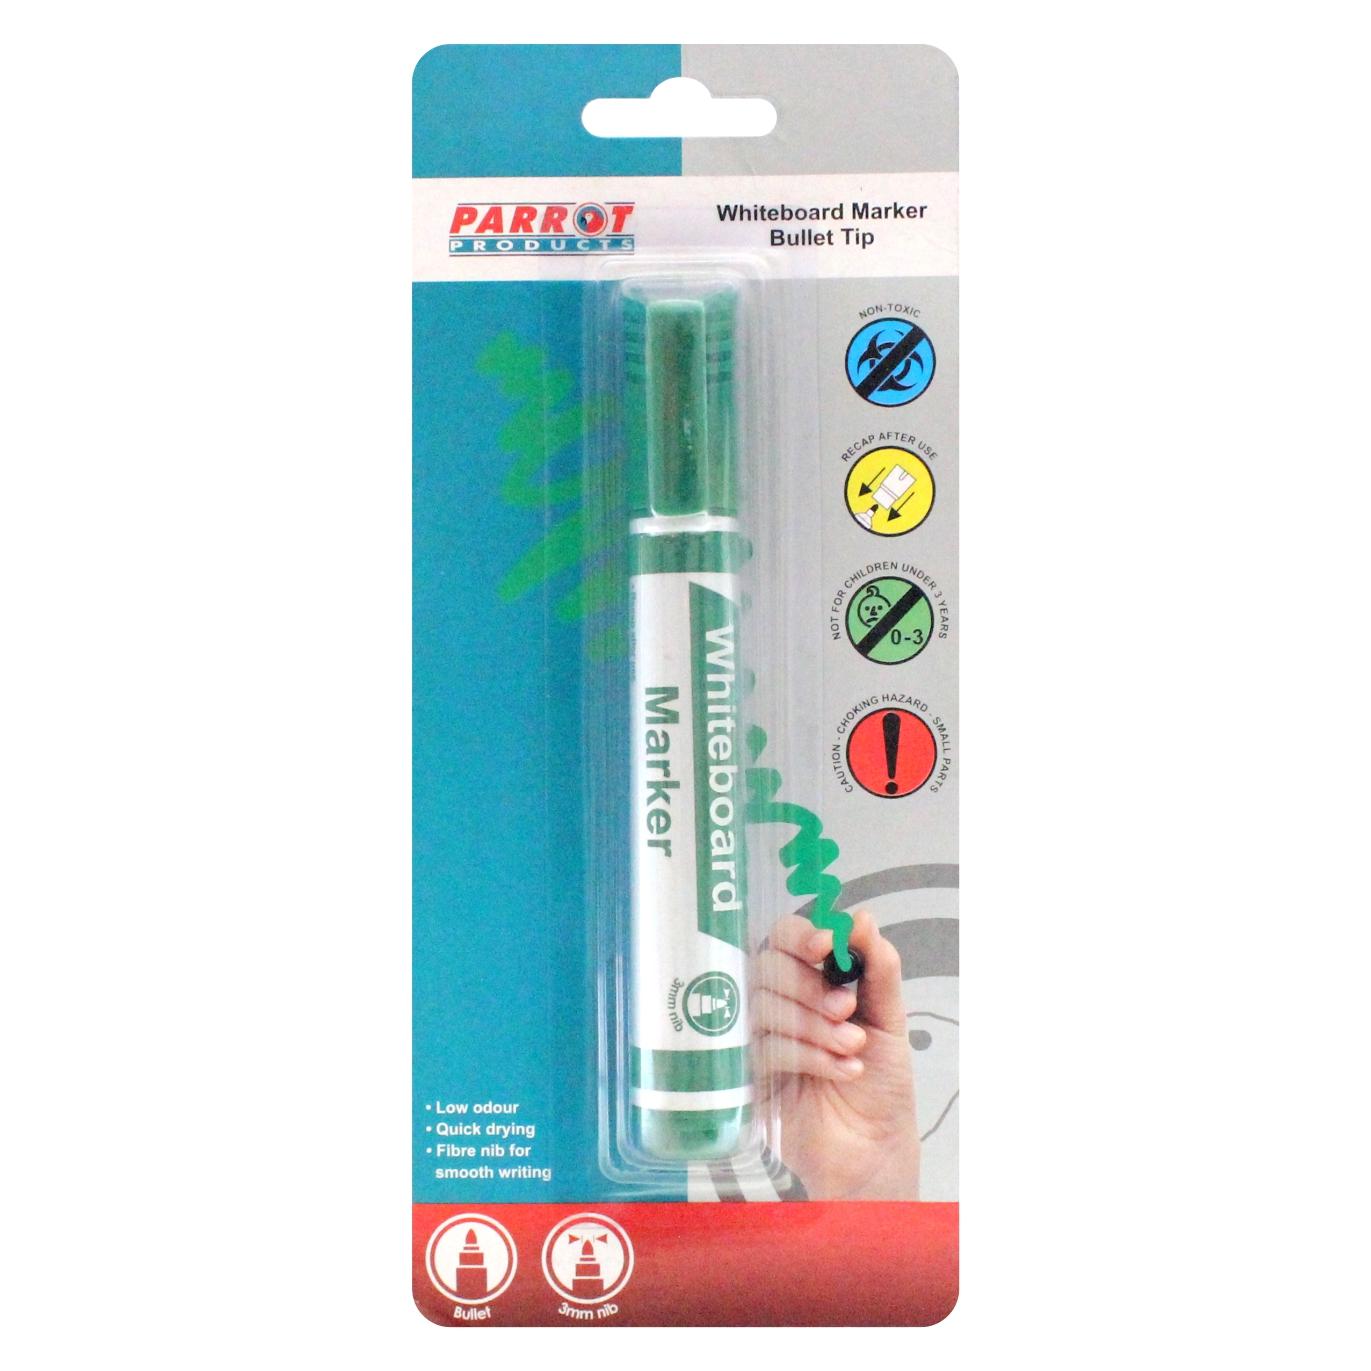 Whiteboard Marker (Bullet Tip - Carded - Green